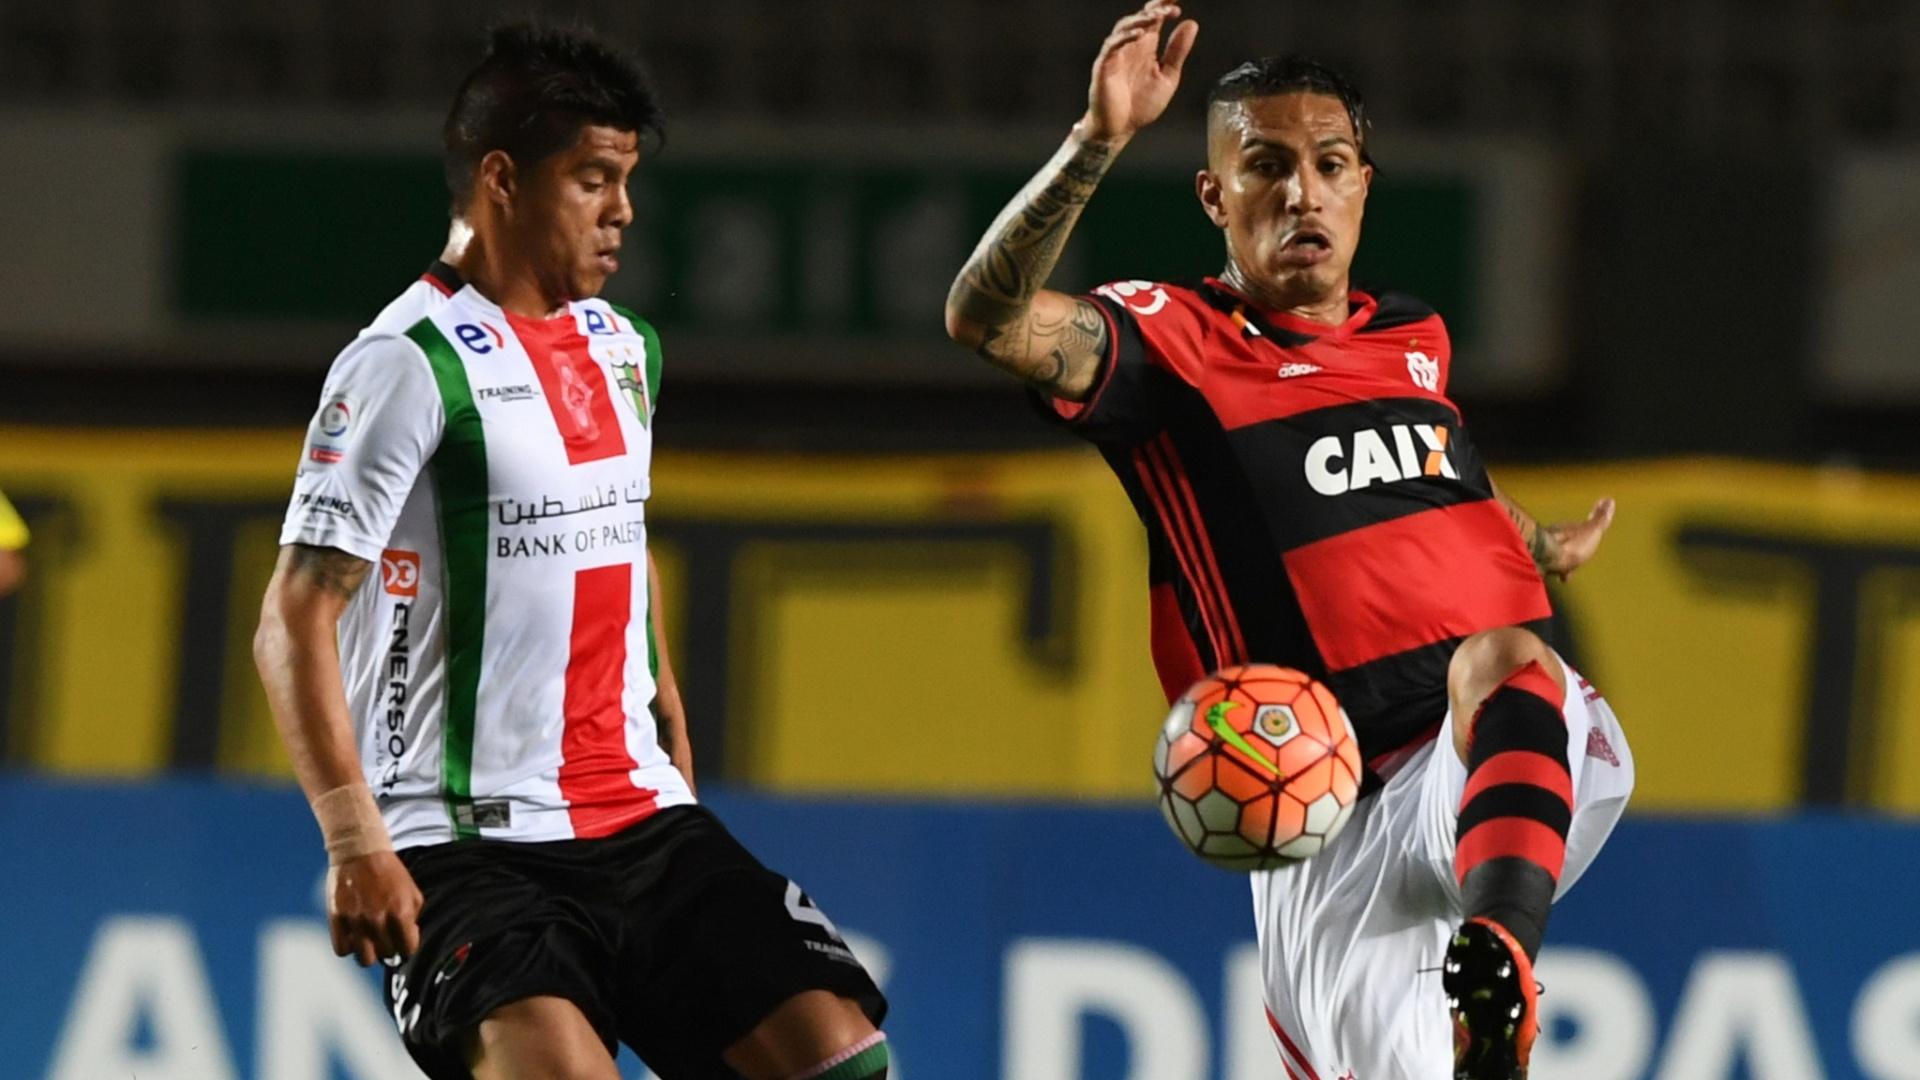 Guerrero, do Flamengo, tenta escapar da marcação de Bejamin Vidal, do Palestino